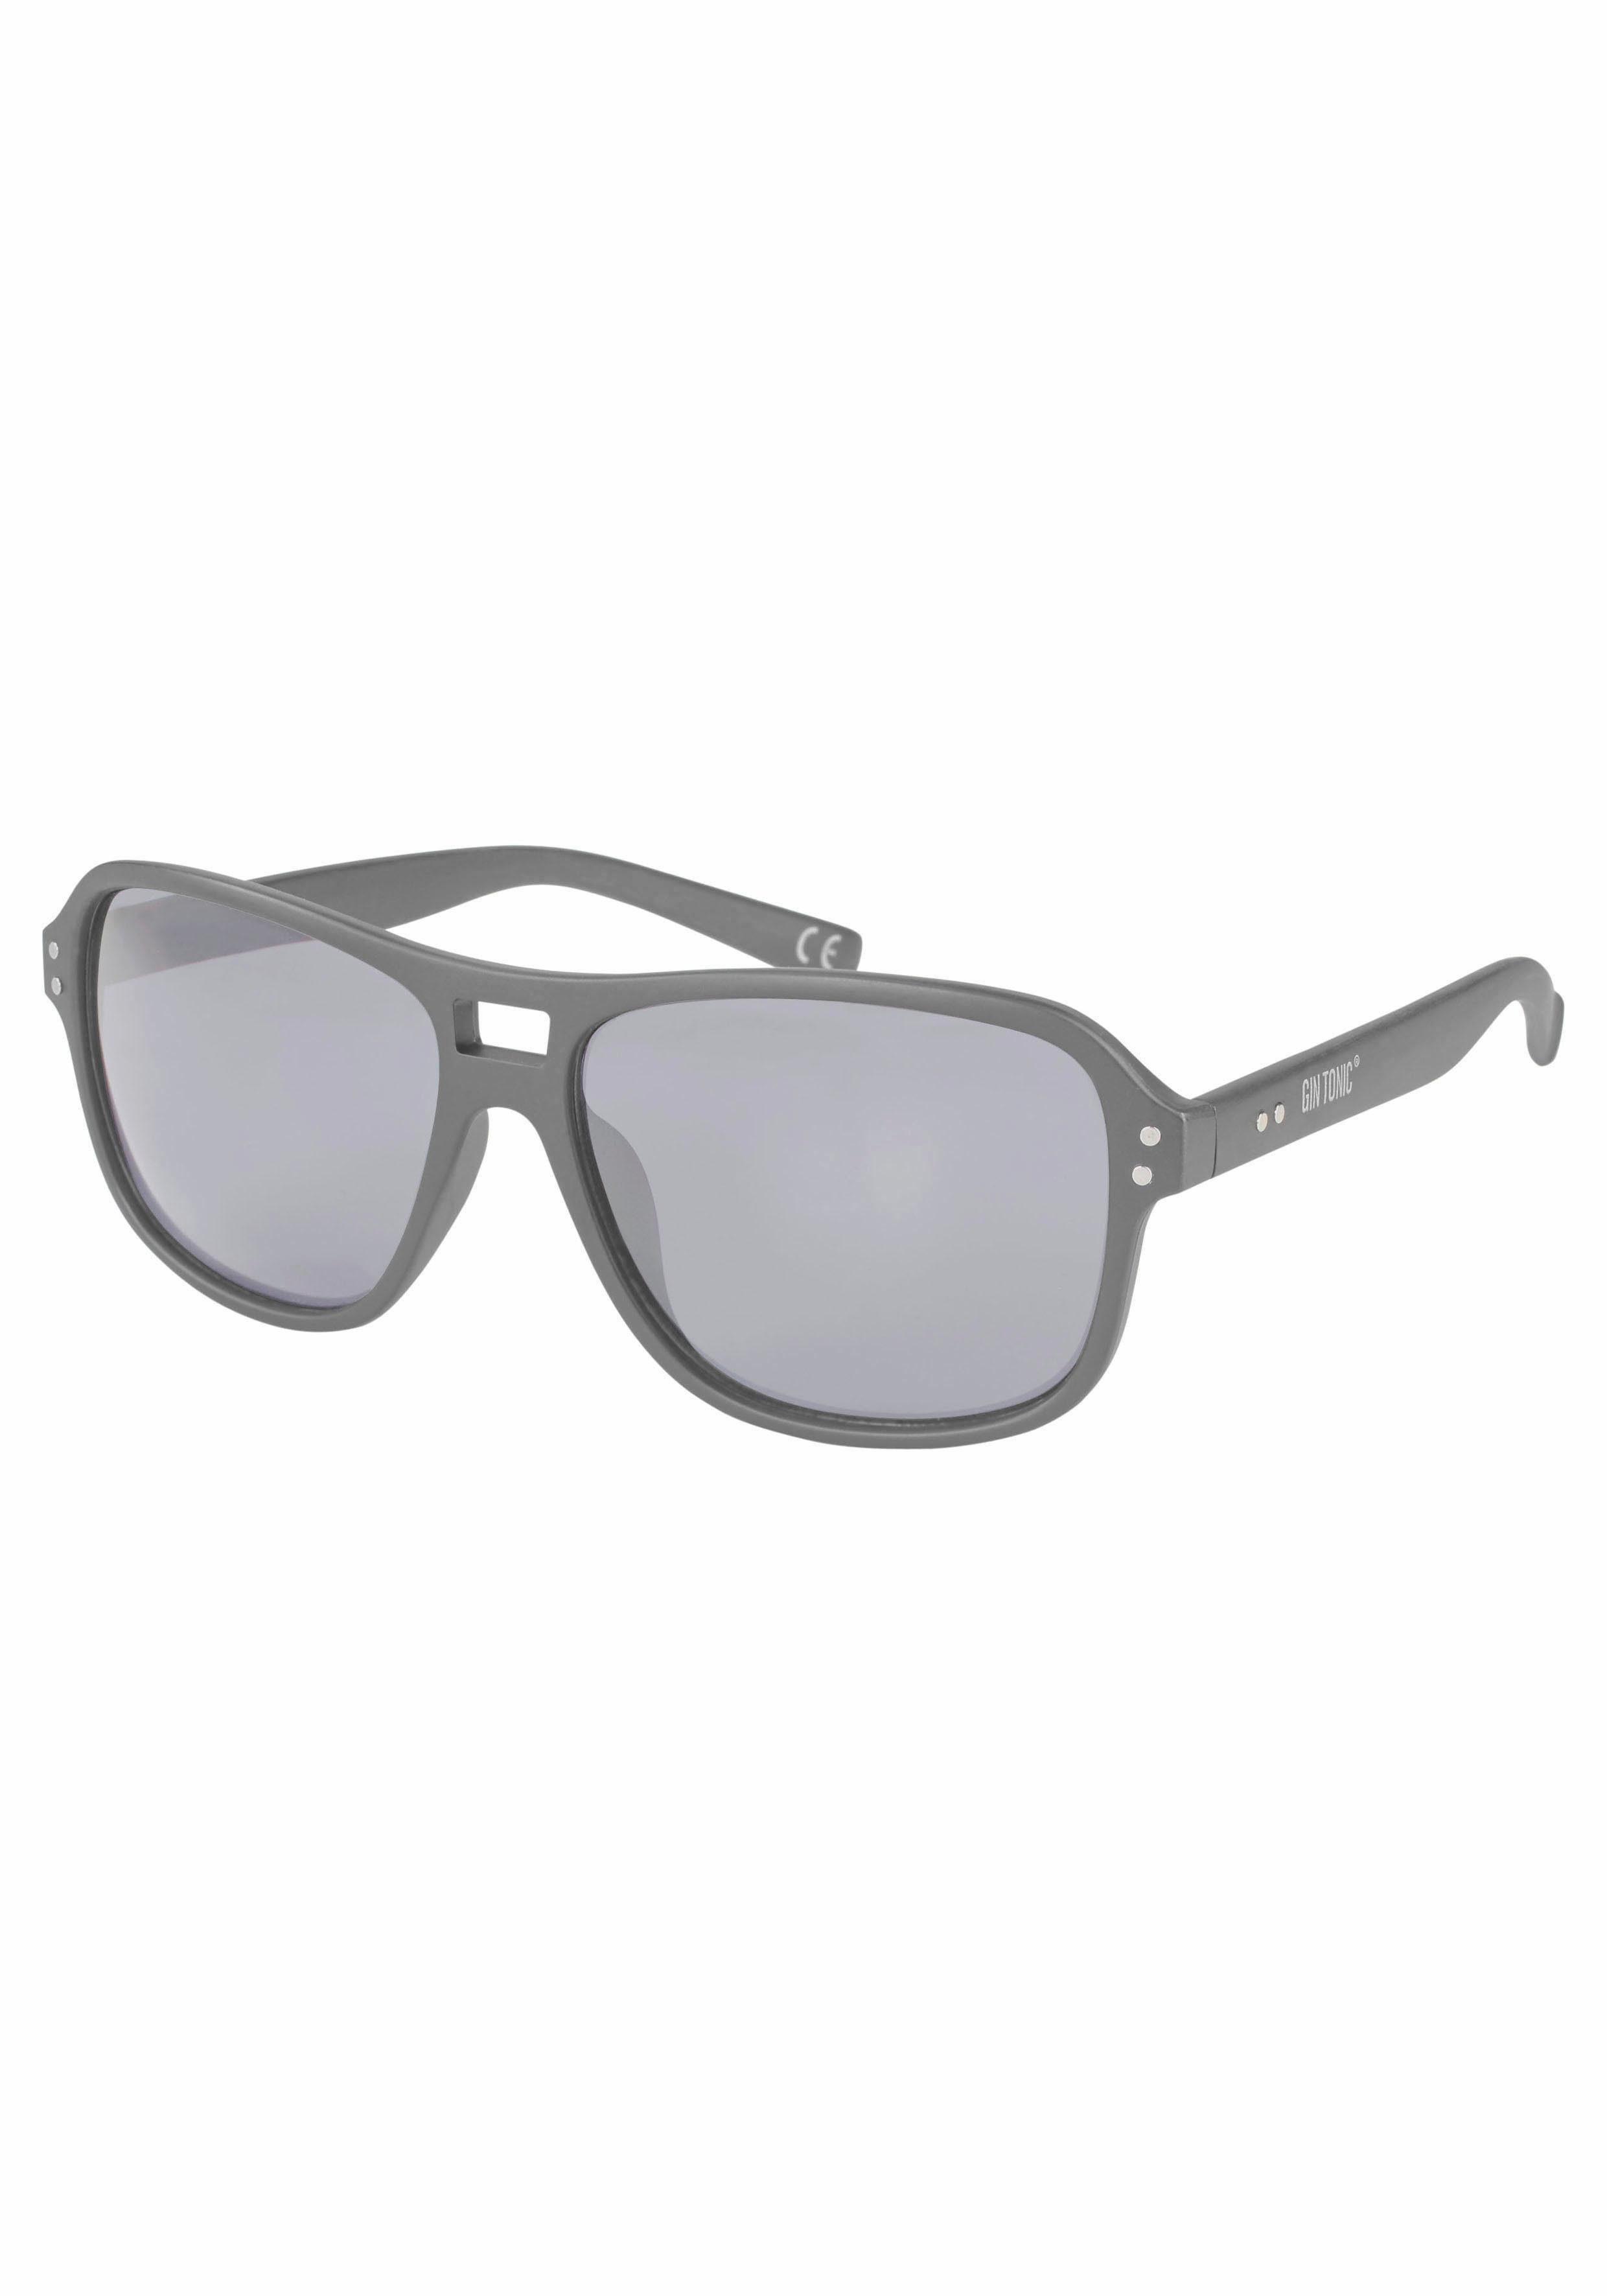 Gin Tonic Sonnenbrille mit leichtem Gestell